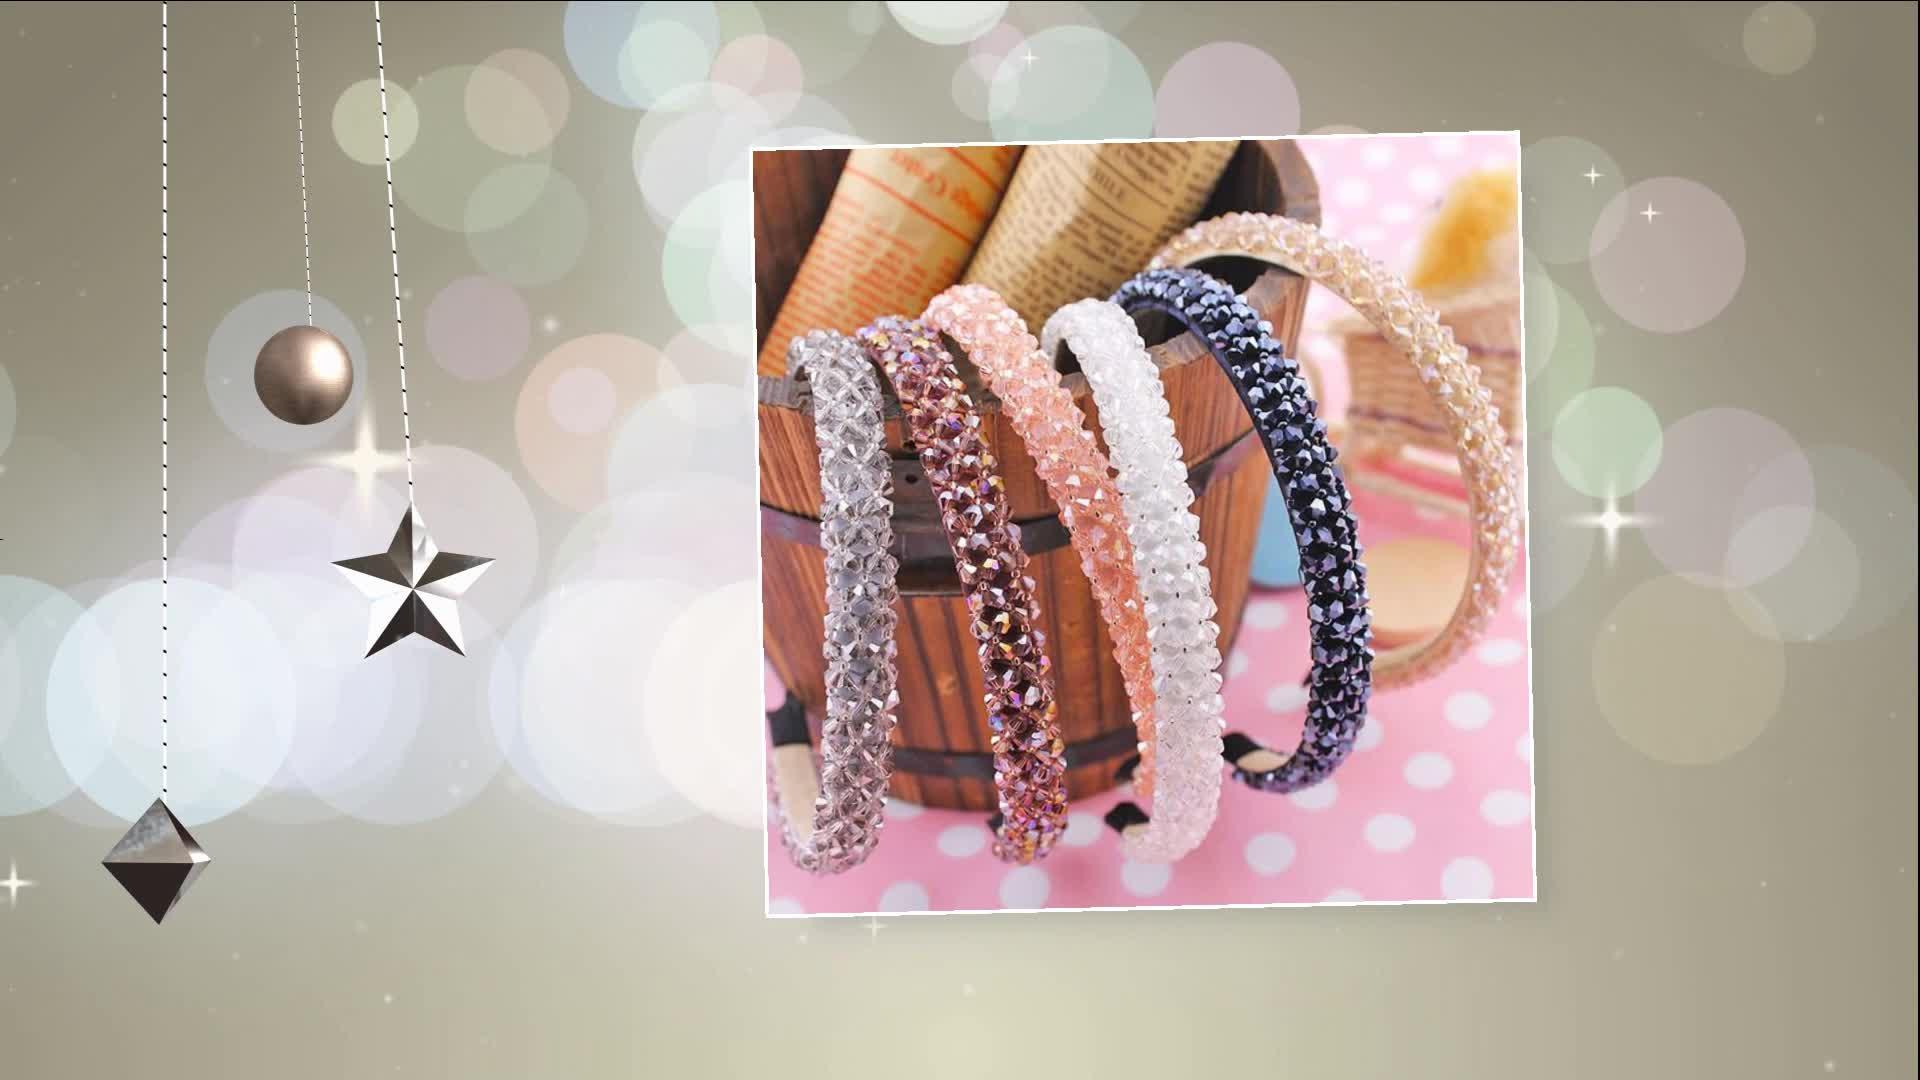 Groothandel vrouwen haar sieraden accessoires fabrikanten china kristallen glazen kralen classic haar hoepel hoofdband